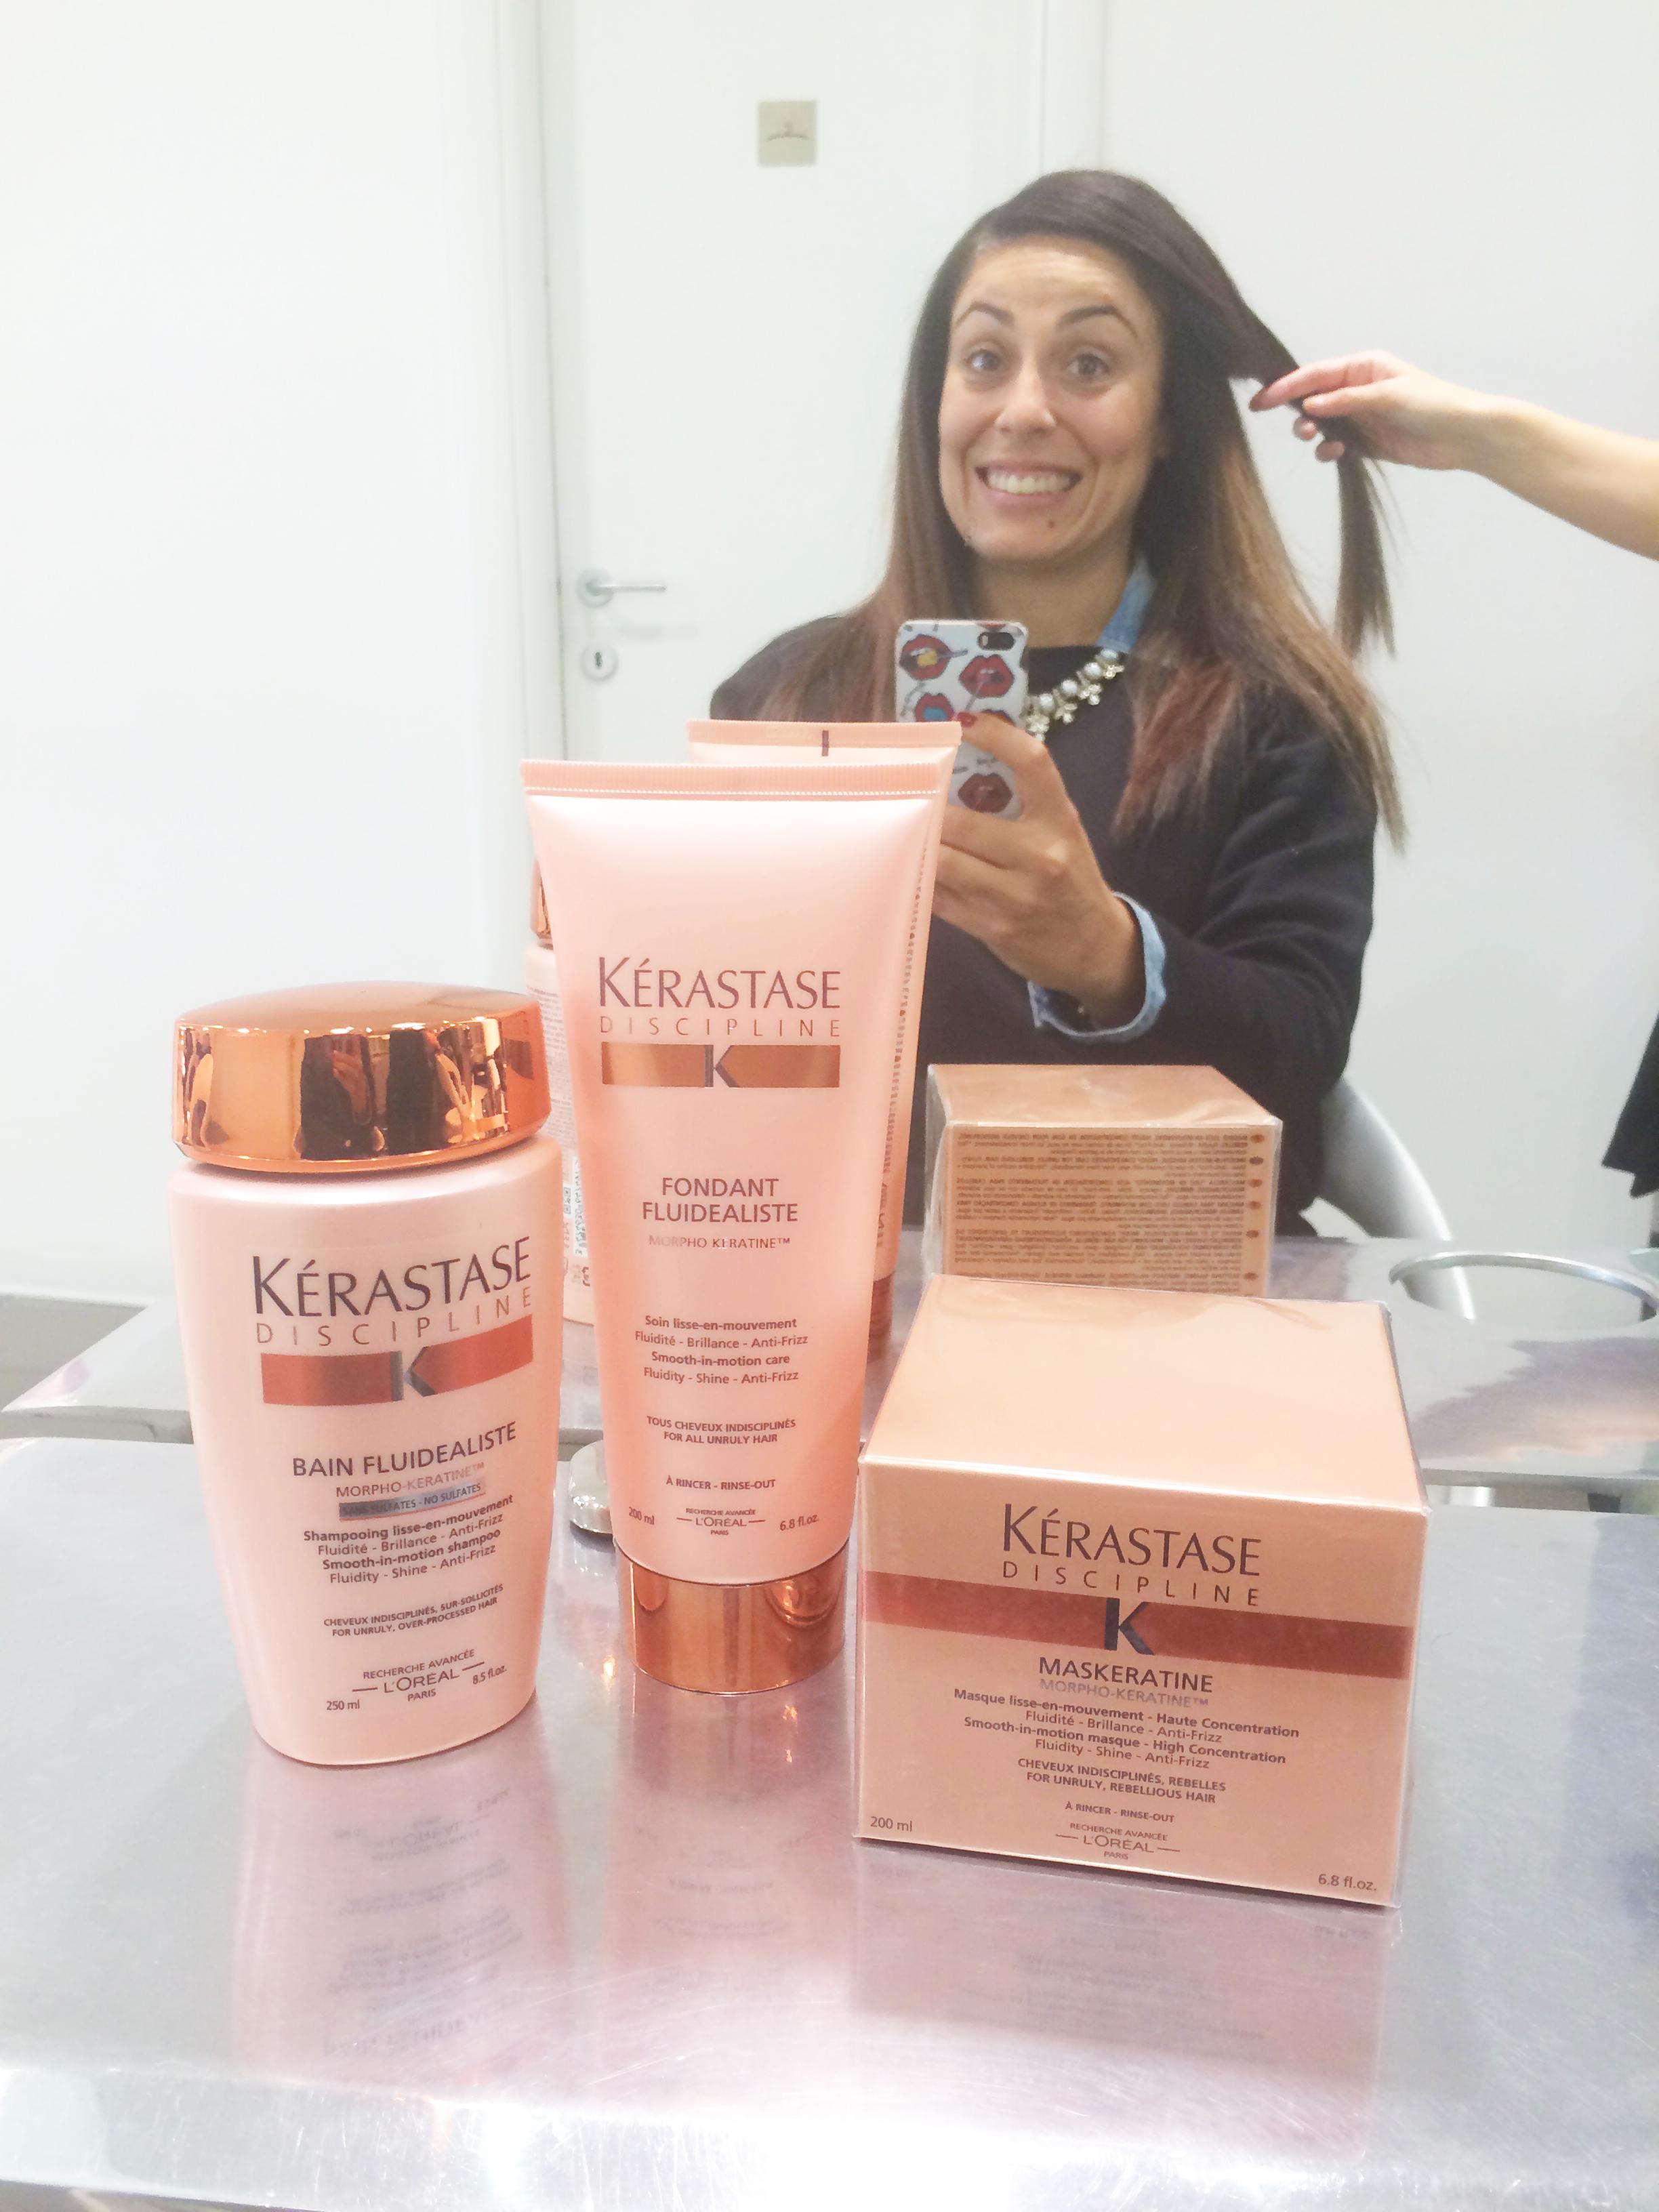 hair-style-l'oreal-professionnel-fashion-blogger-valentina-coco